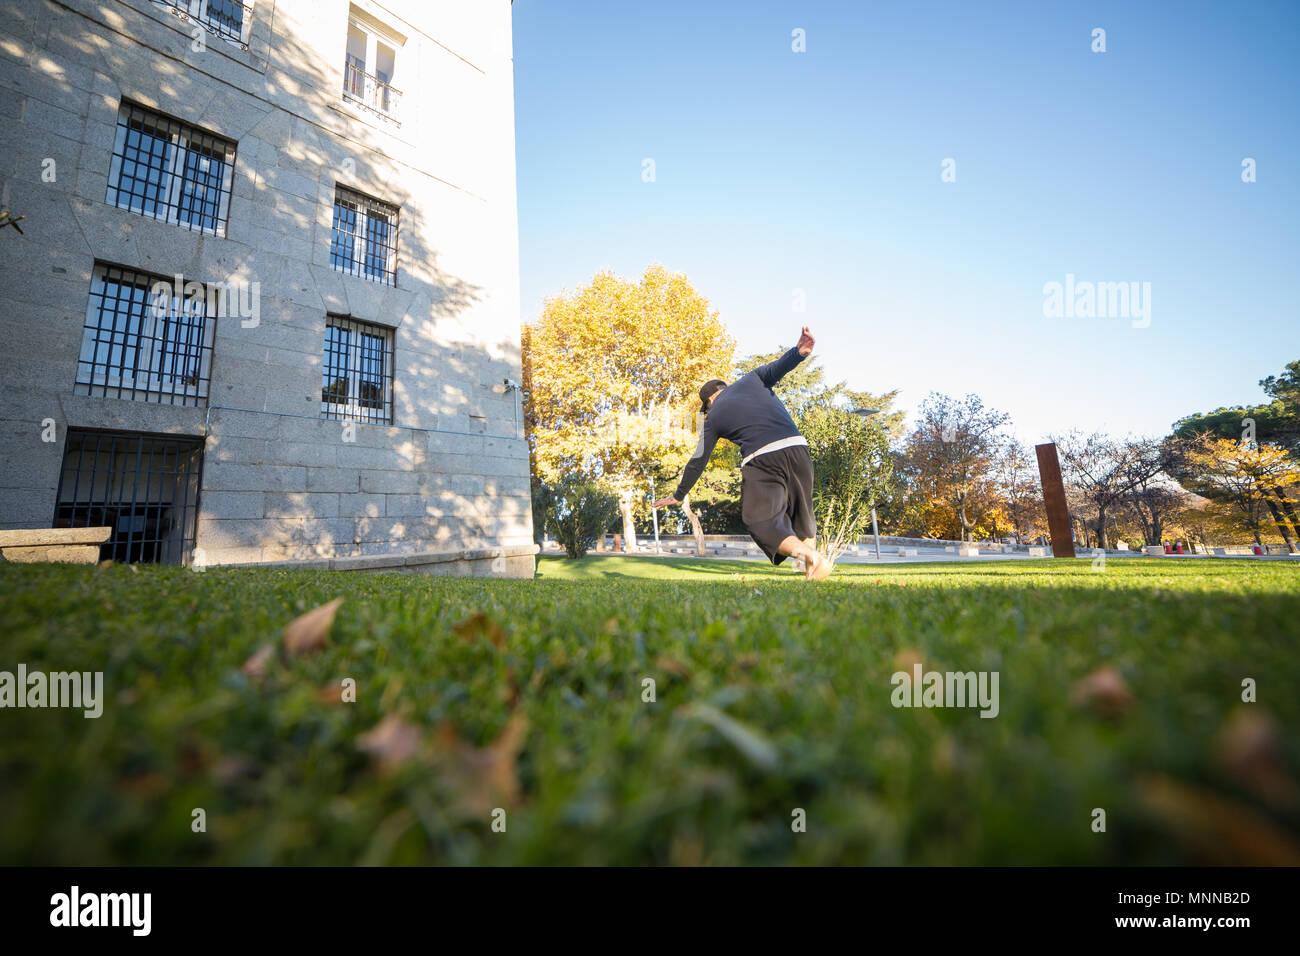 Jeune homme faisant un incroyable tour de parkour dans le parc. Photo Stock